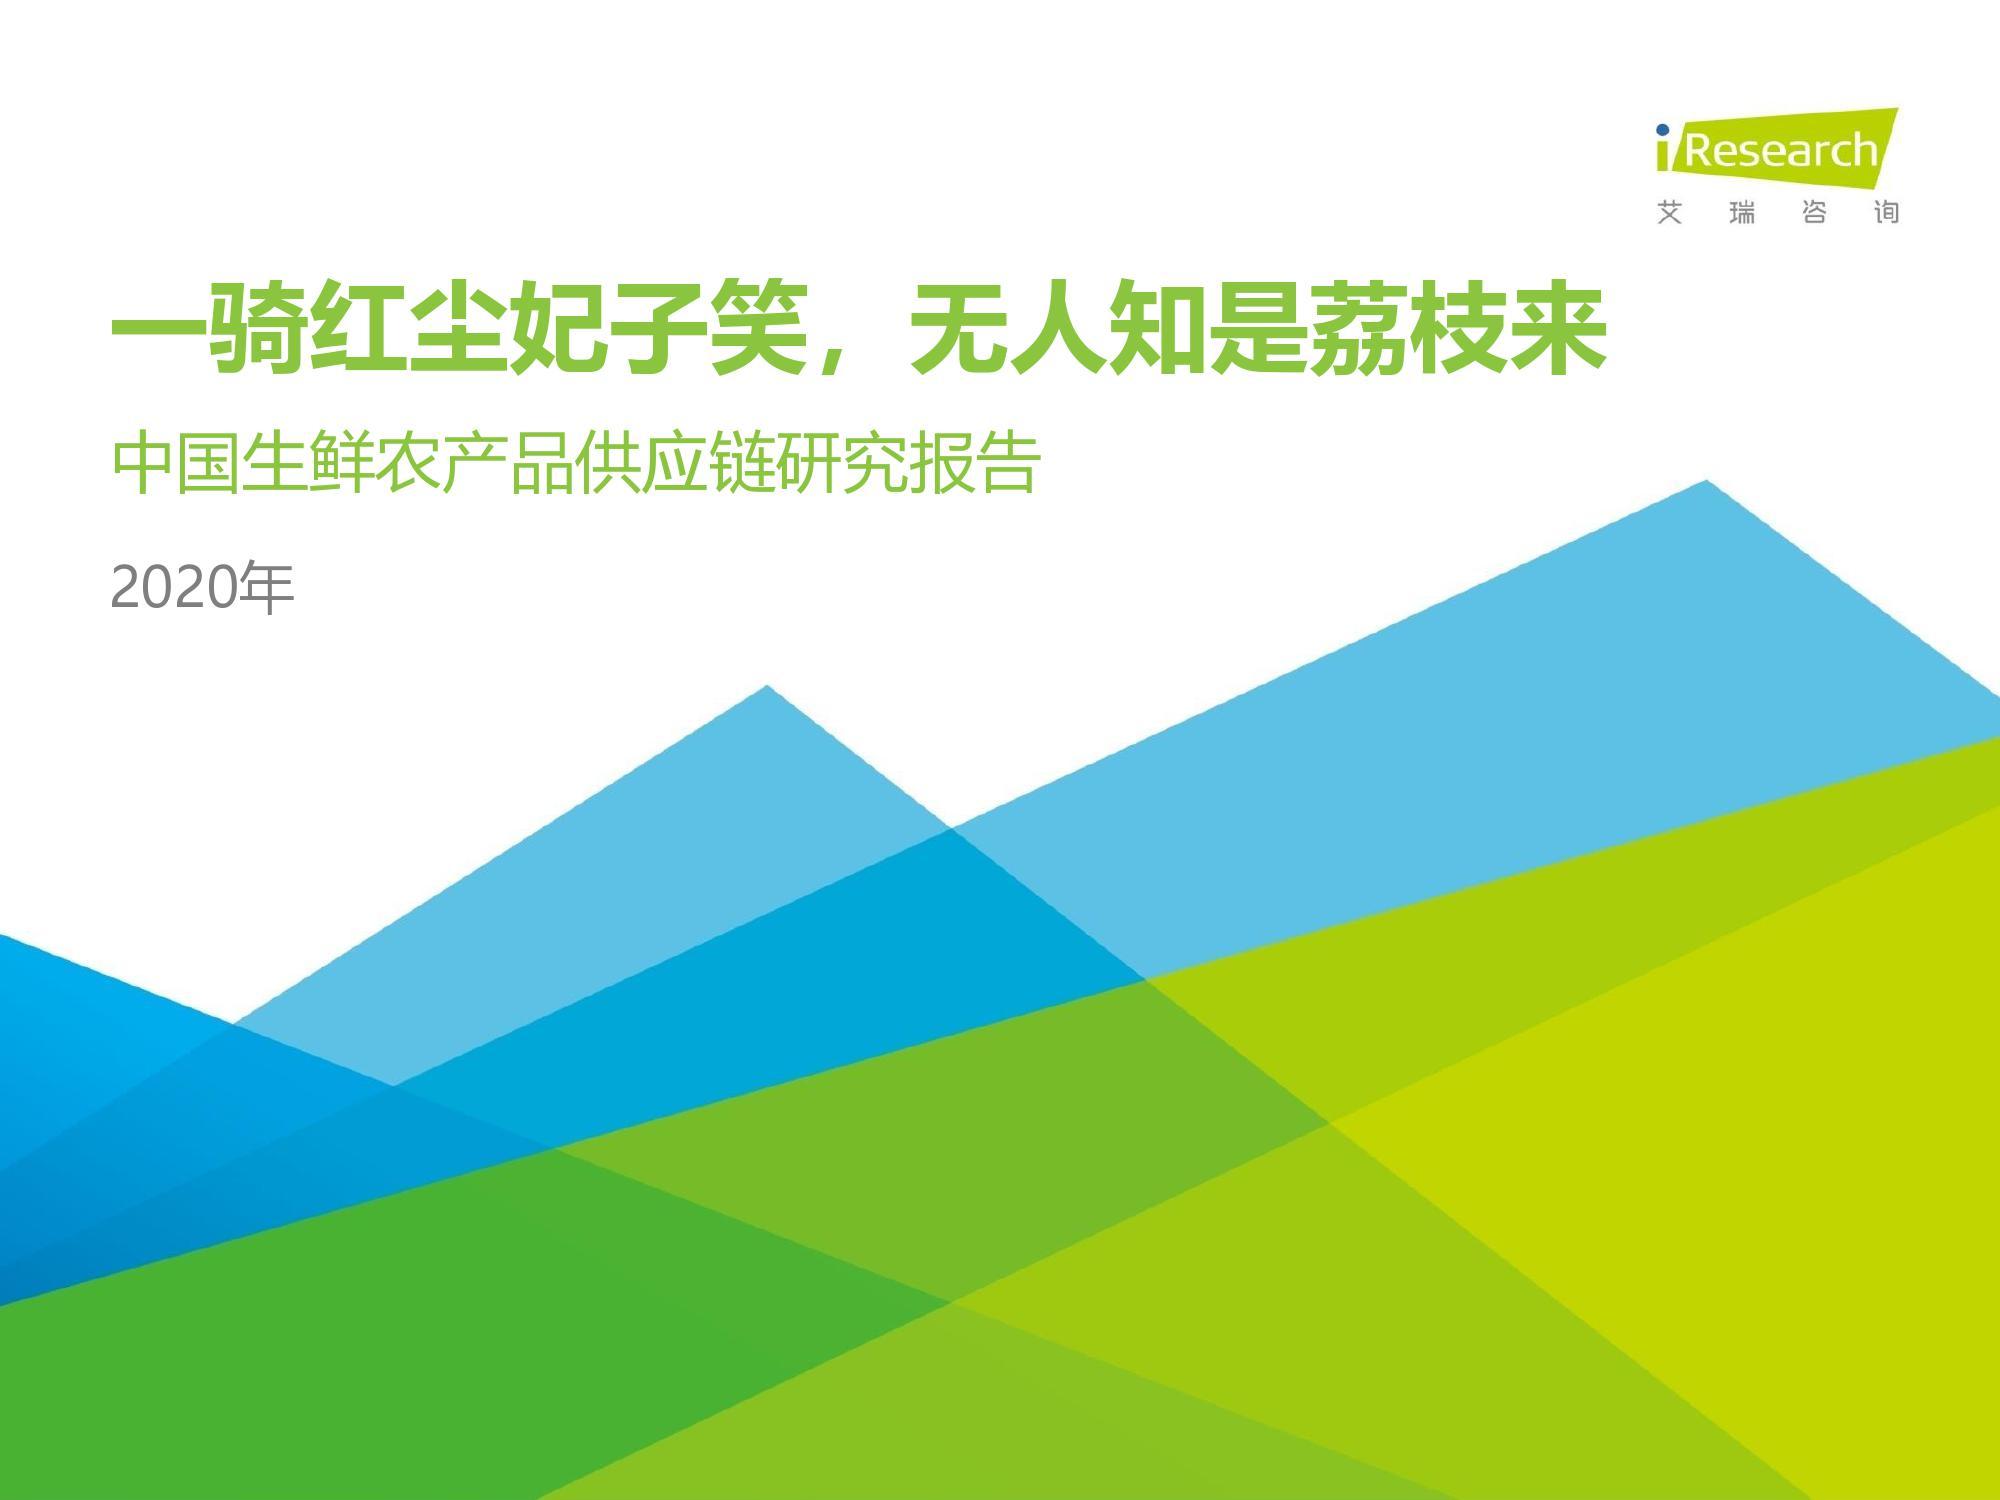 艾瑞咨询:2020年中国生鲜农产品供应链研究报告(附下载)